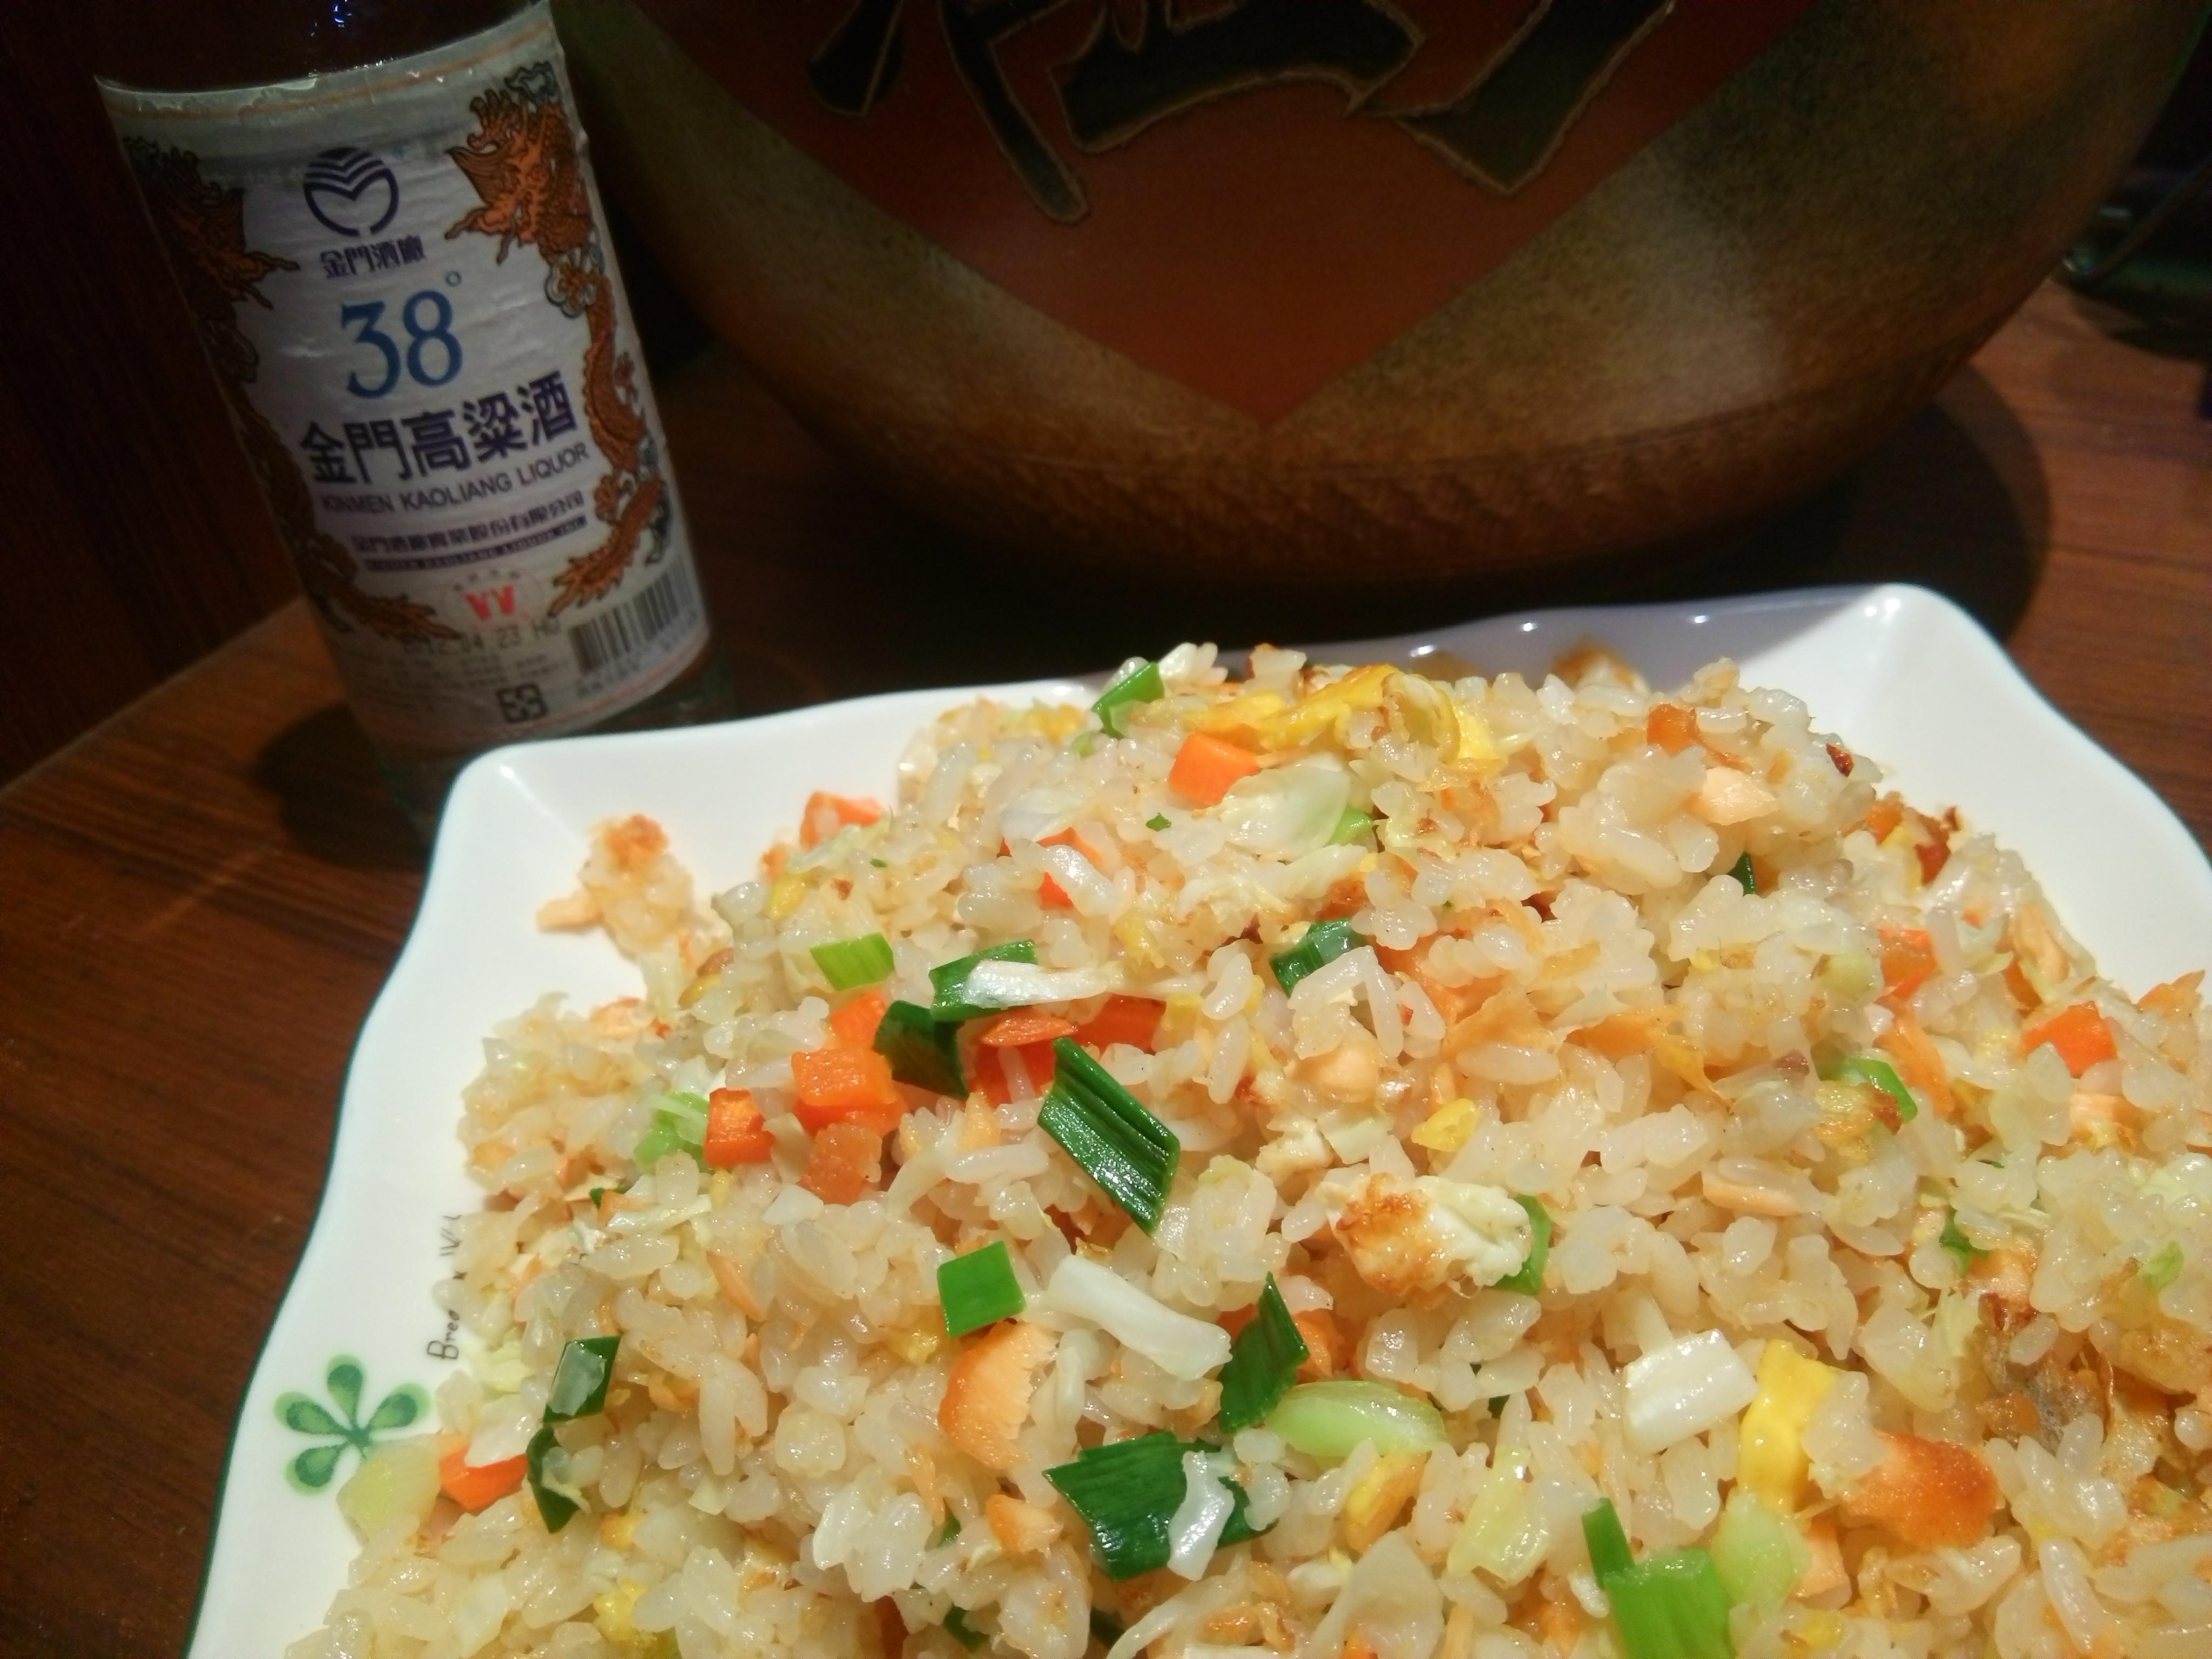 高粱鮭魚炒飯【38度金門高粱酒】